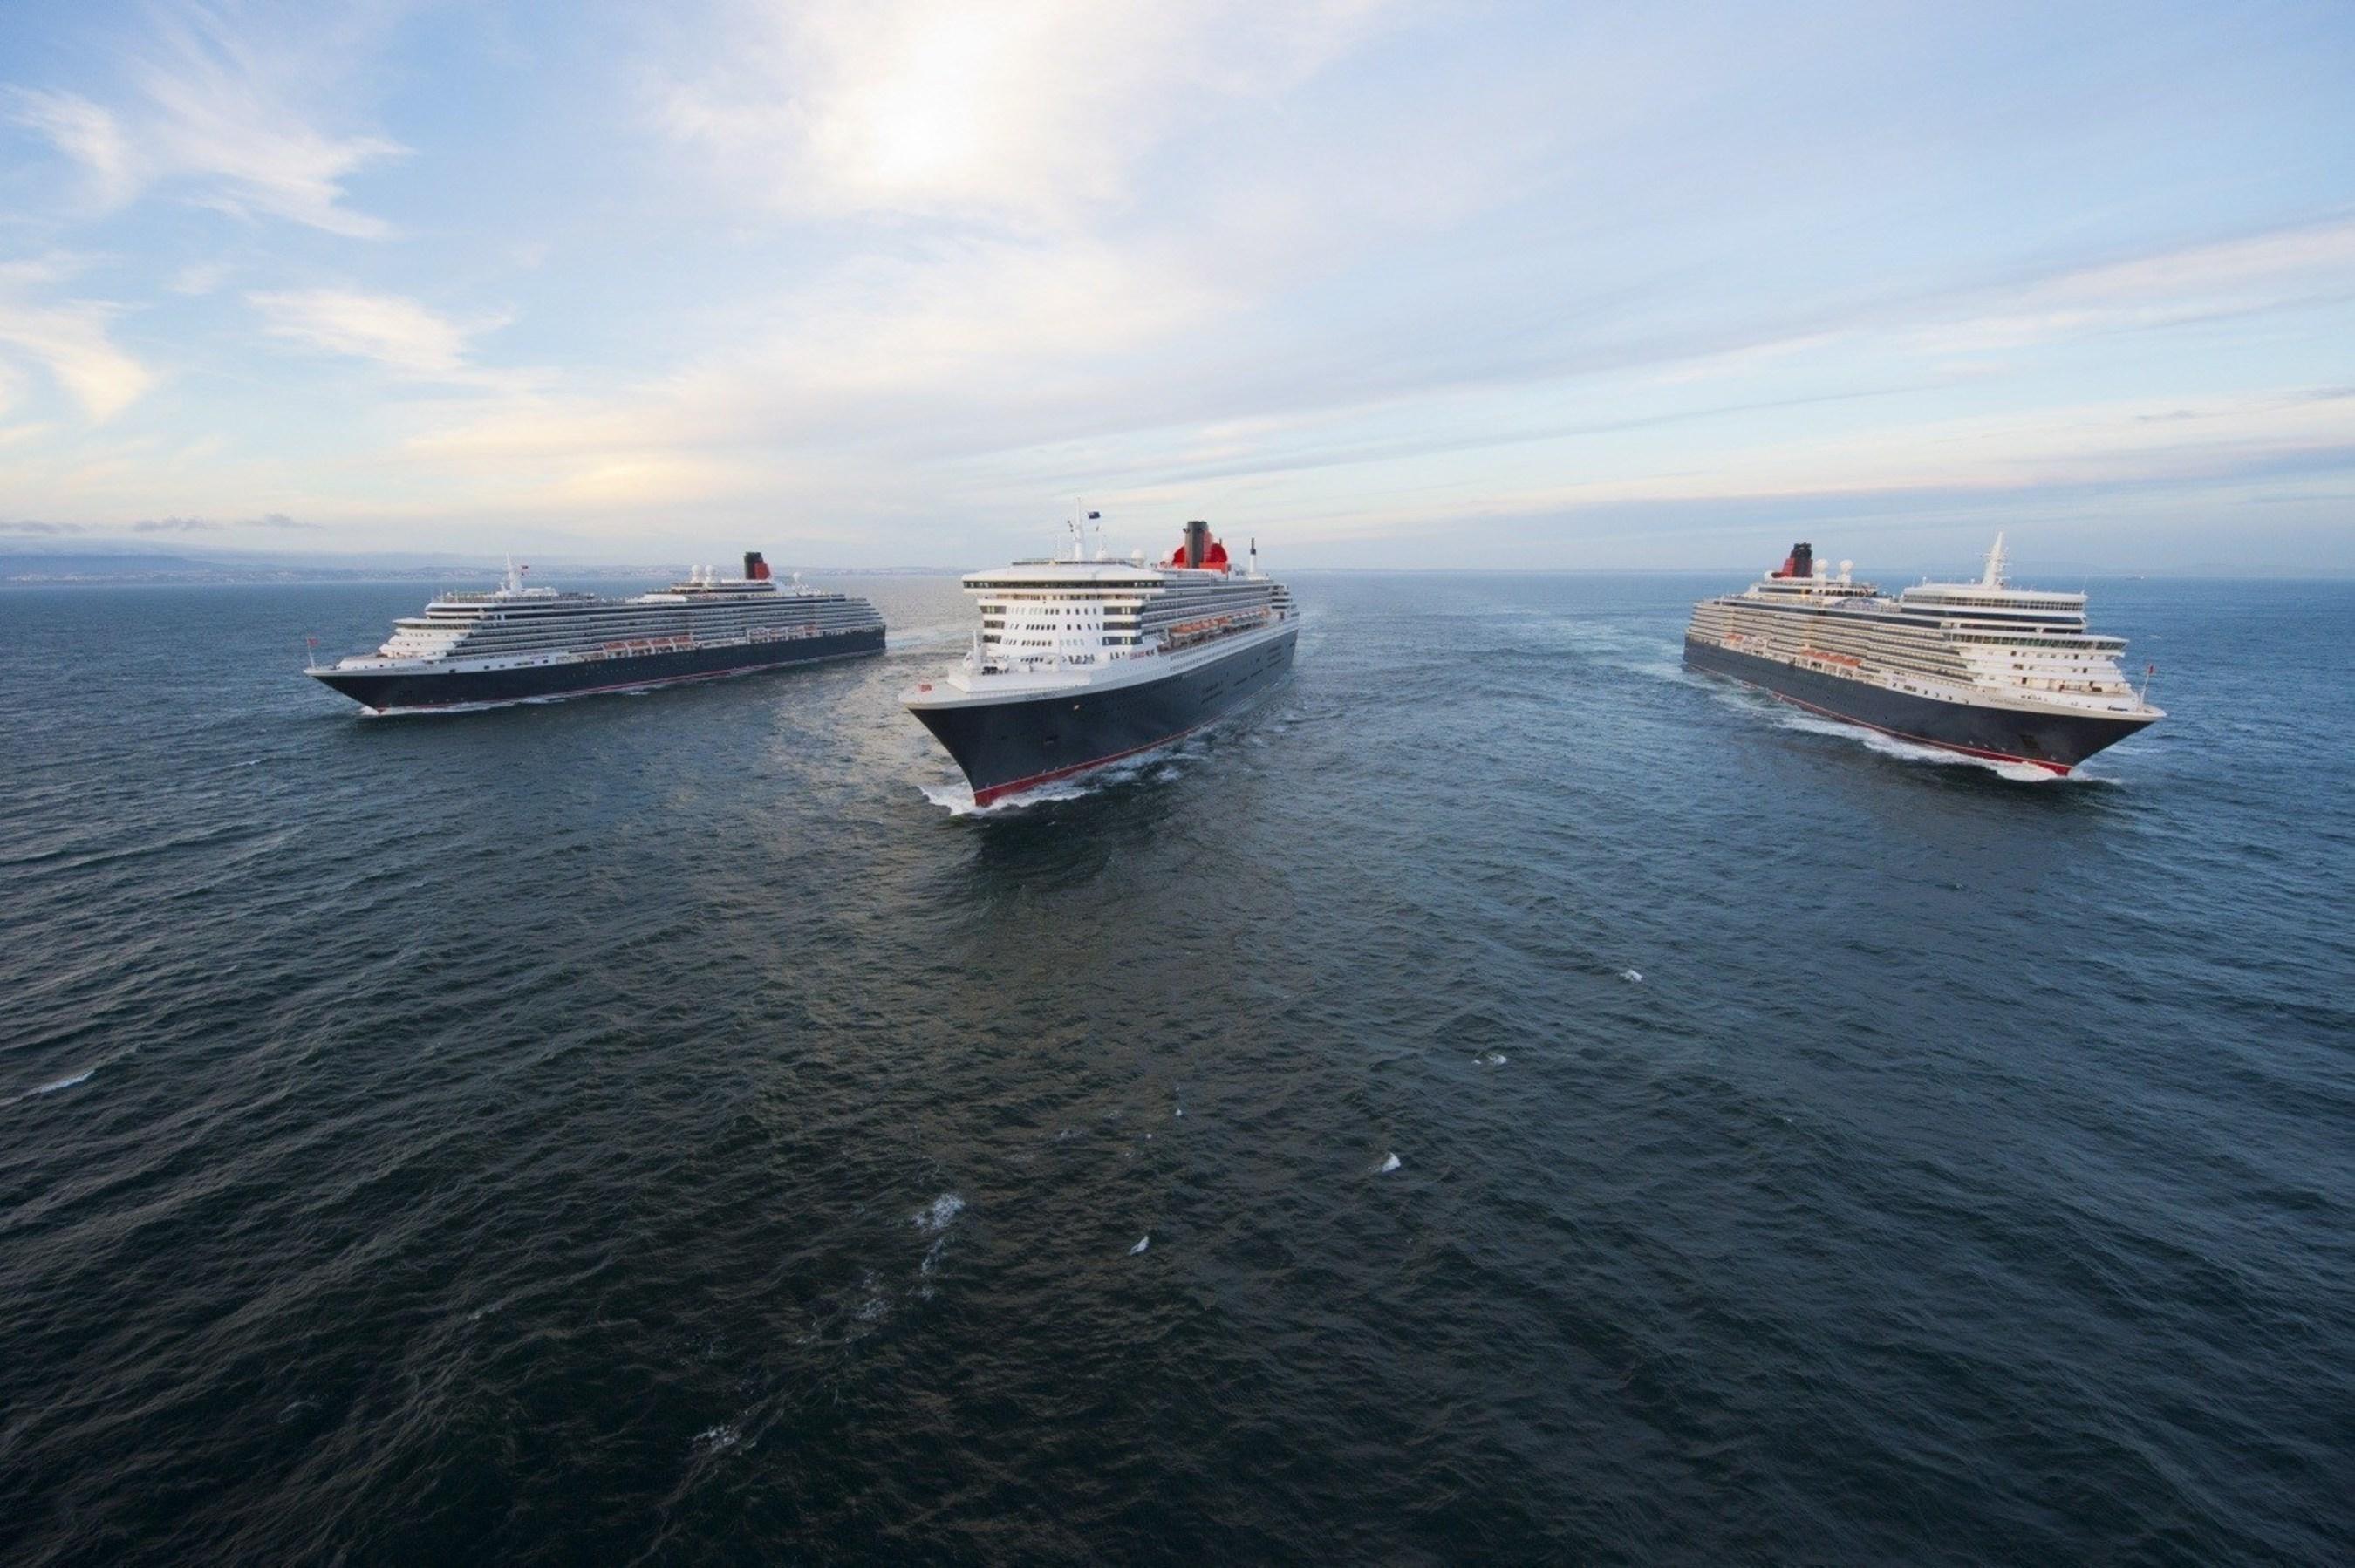 Cunard's three Queen